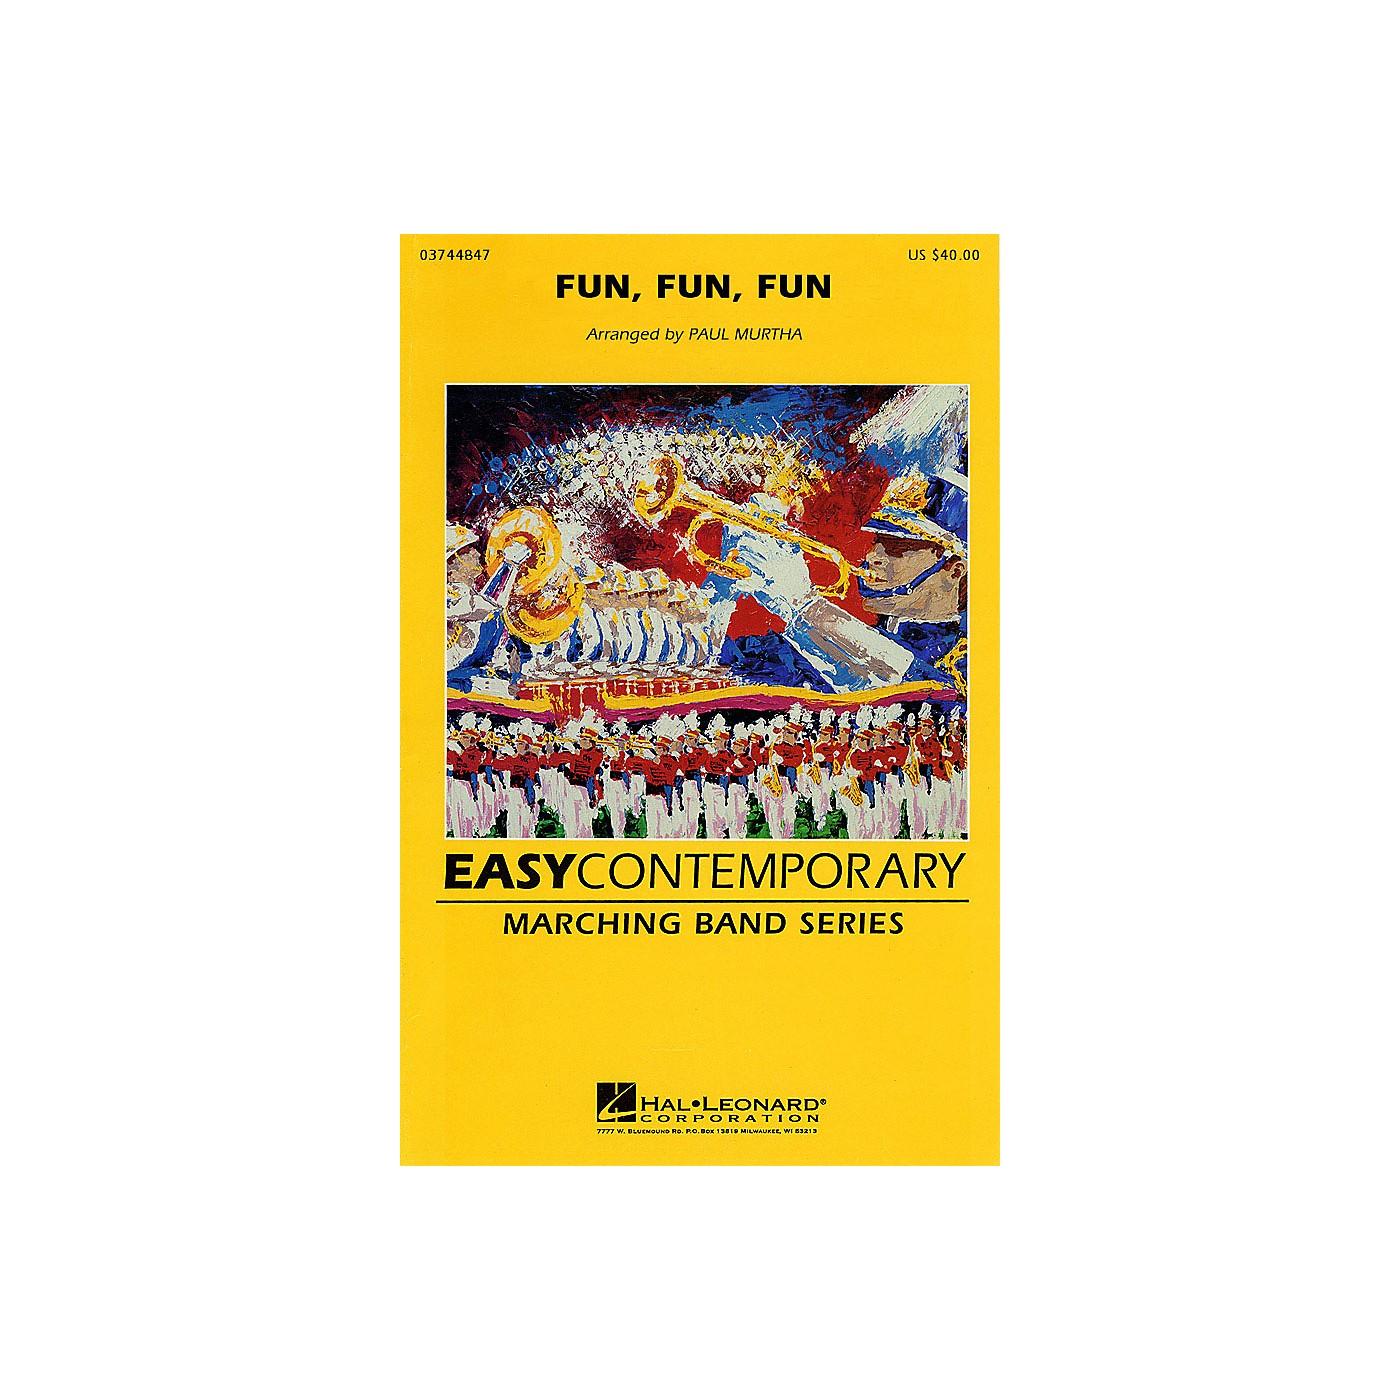 Hal Leonard Fun, Fun, Fun Marching Band Level 2-3 by The Beach Boys Arranged by Paul Murtha thumbnail